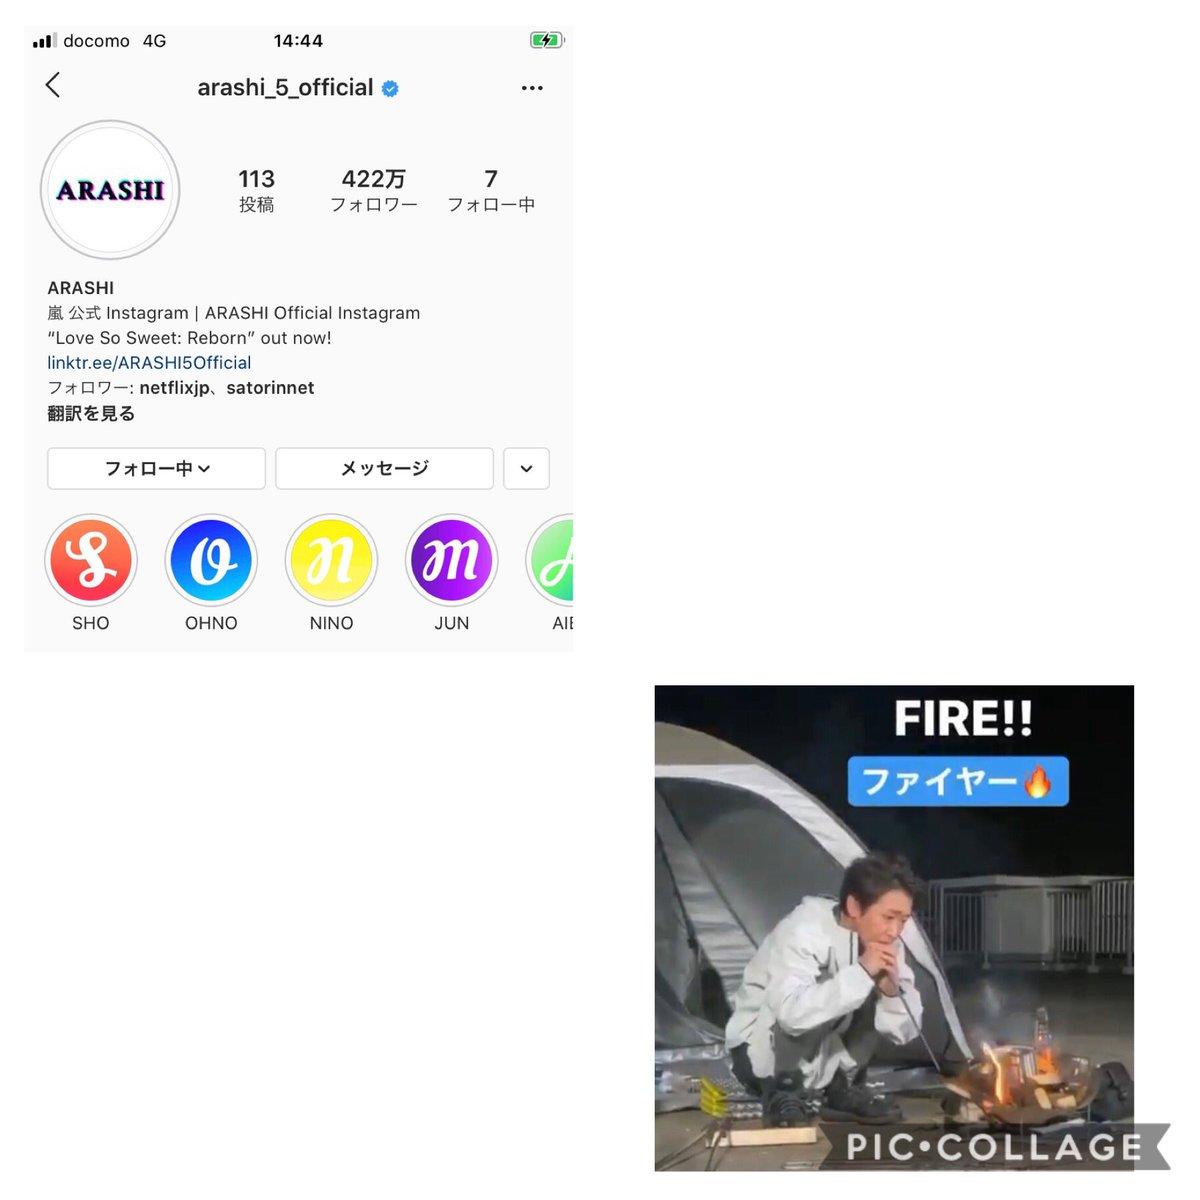 嵐 インスタ ライブ 動画